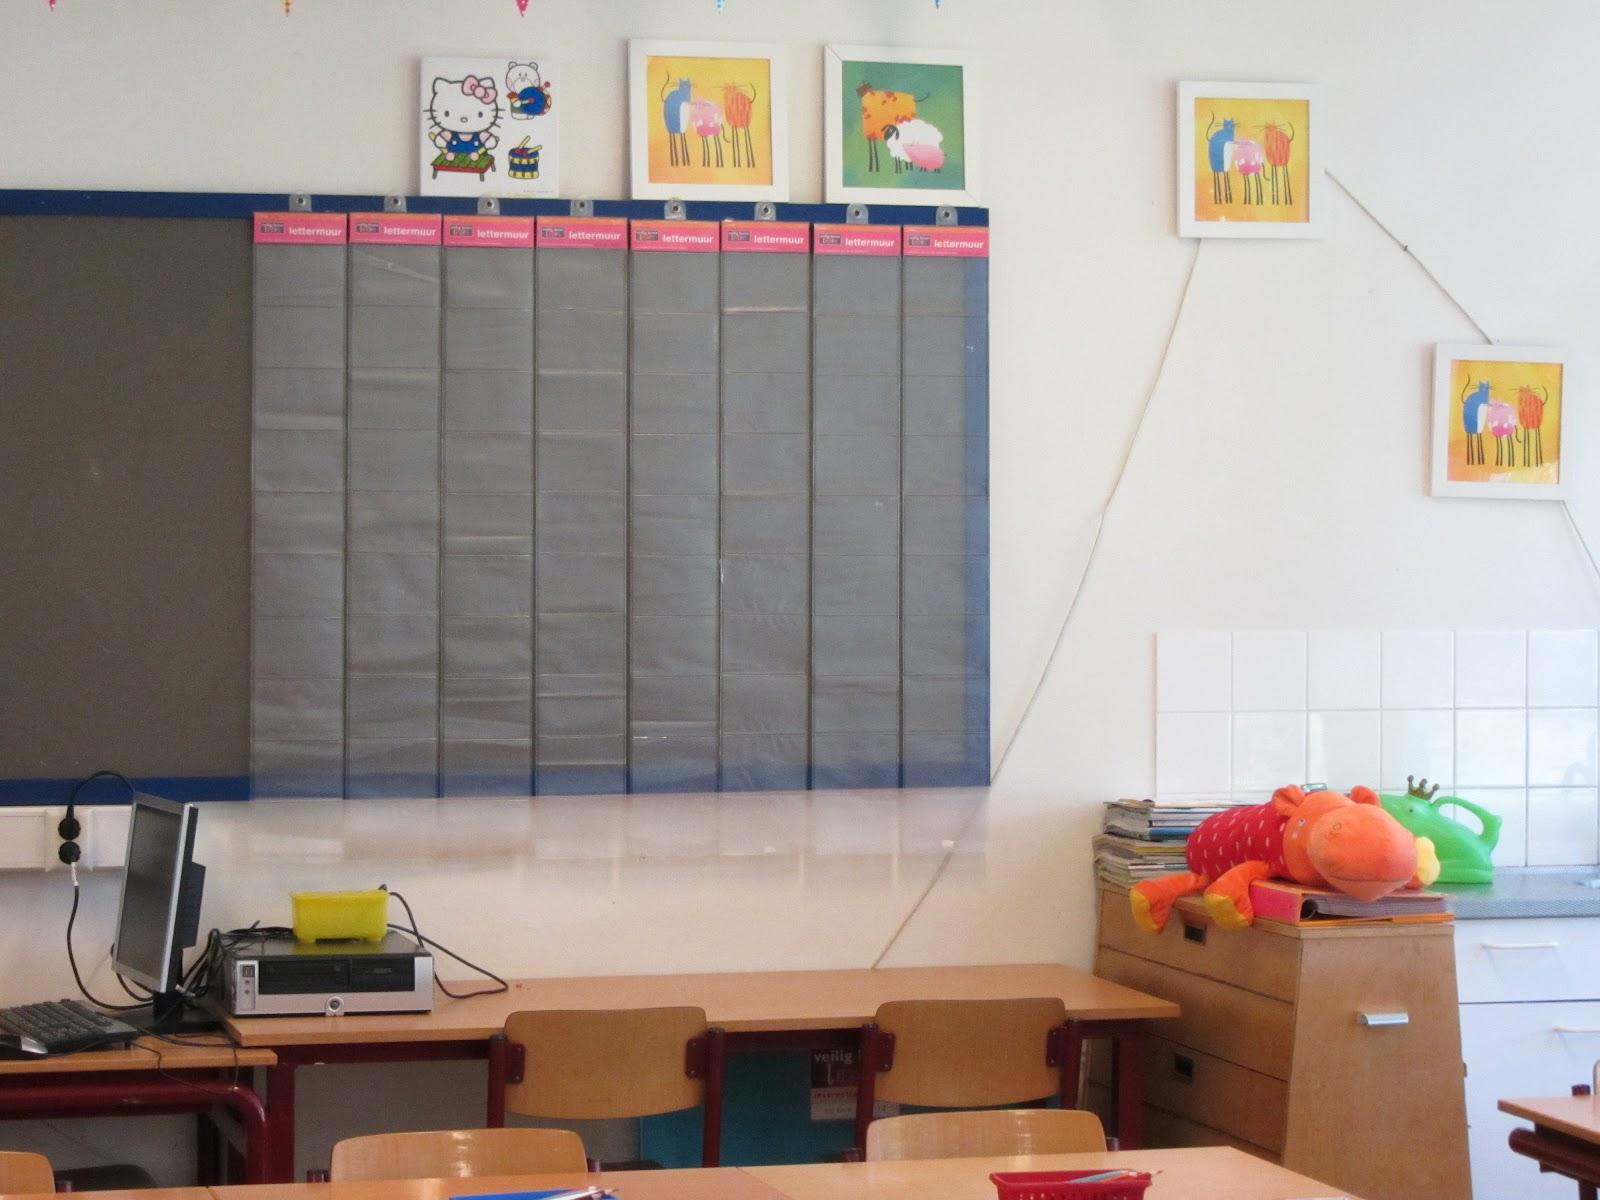 Juf Inger: Een kijkje in mijn klaslokaal